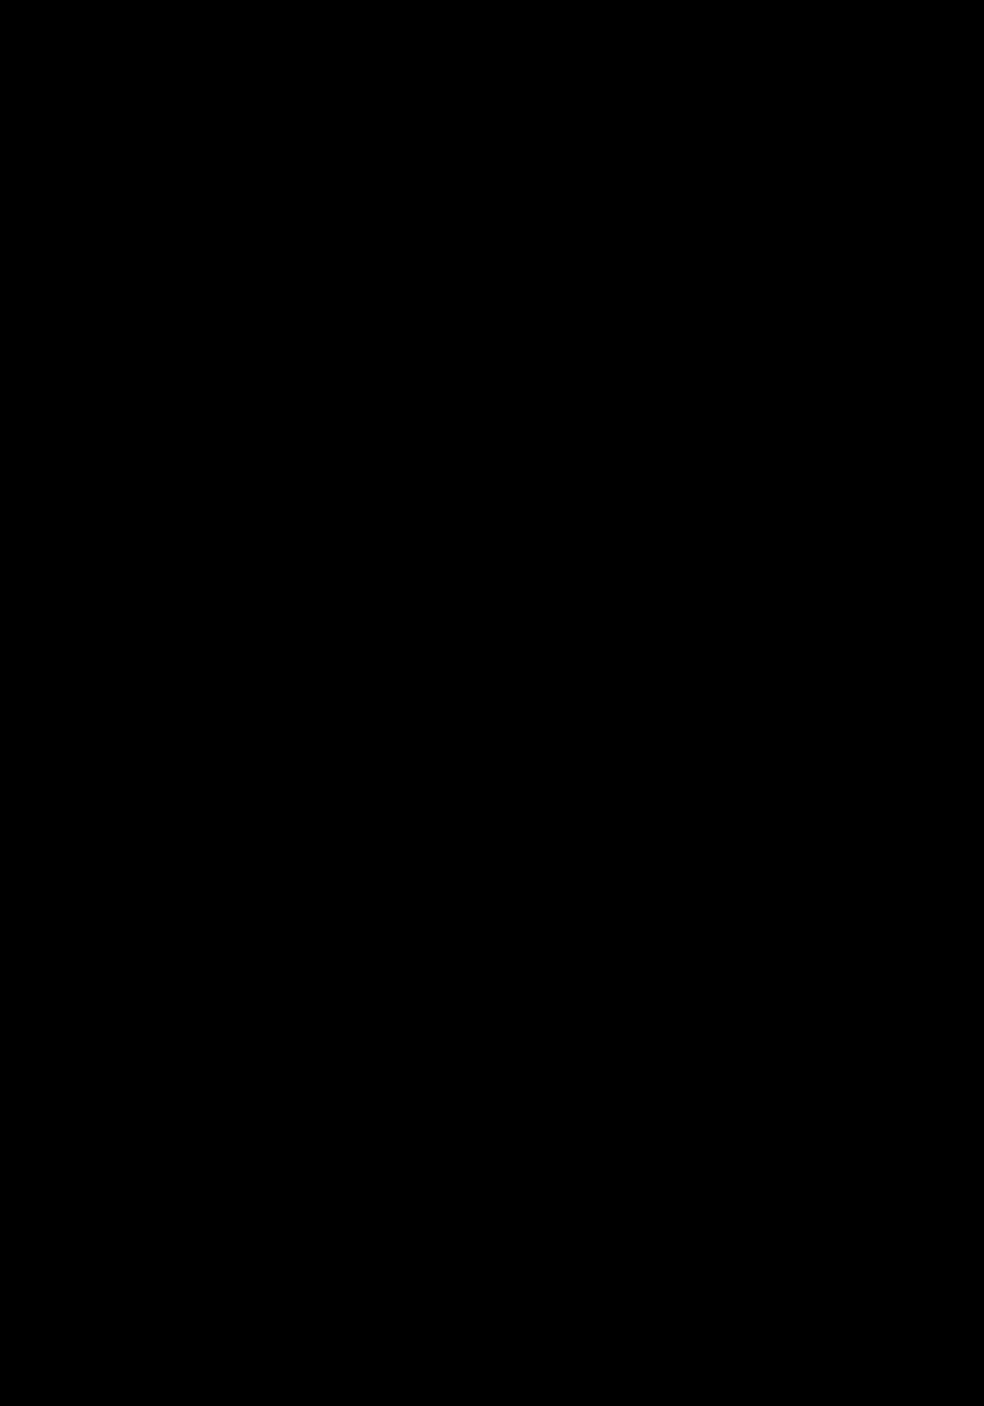 ロゴライン E ELL 横組見本